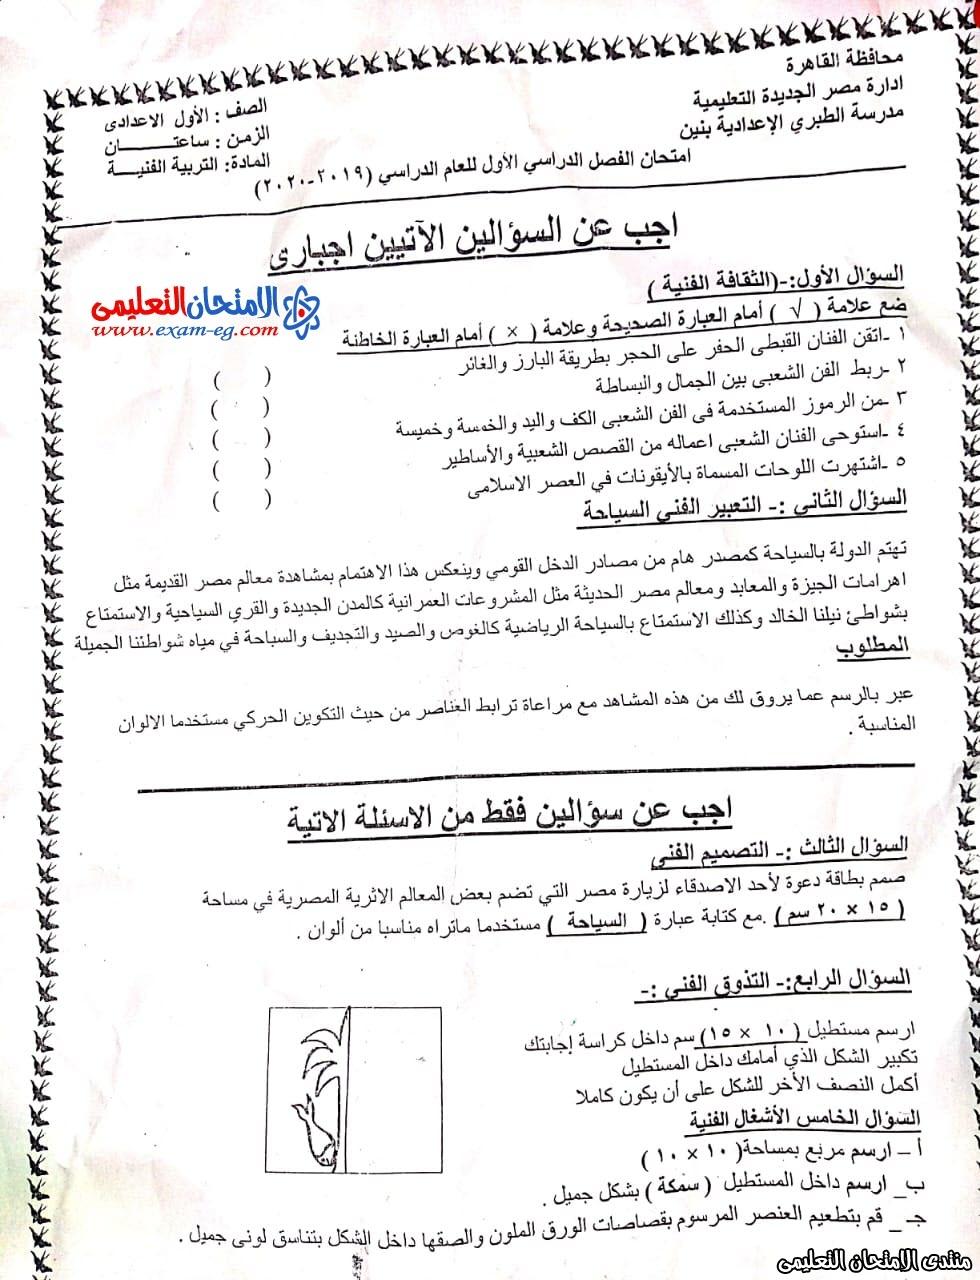 امتحان تربية فنية اولى اعدادى مصر الجديدة